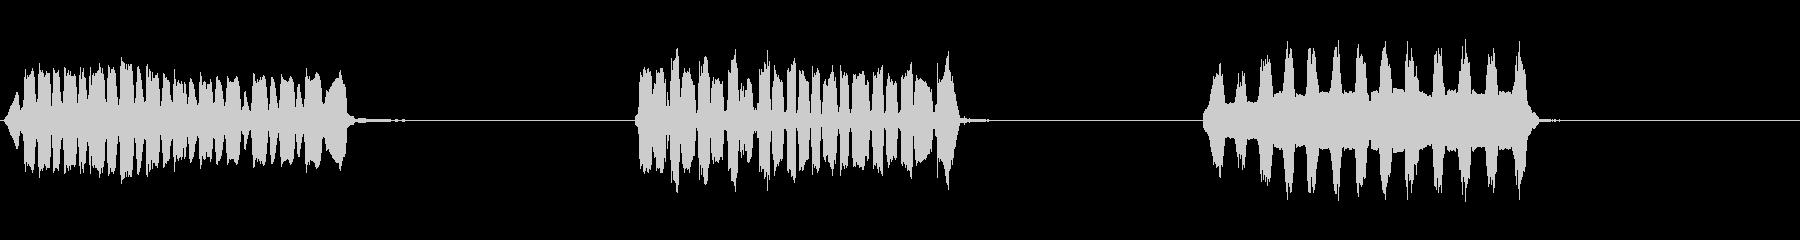 面白い、ヒューマンラズ-3倍。 1...の未再生の波形